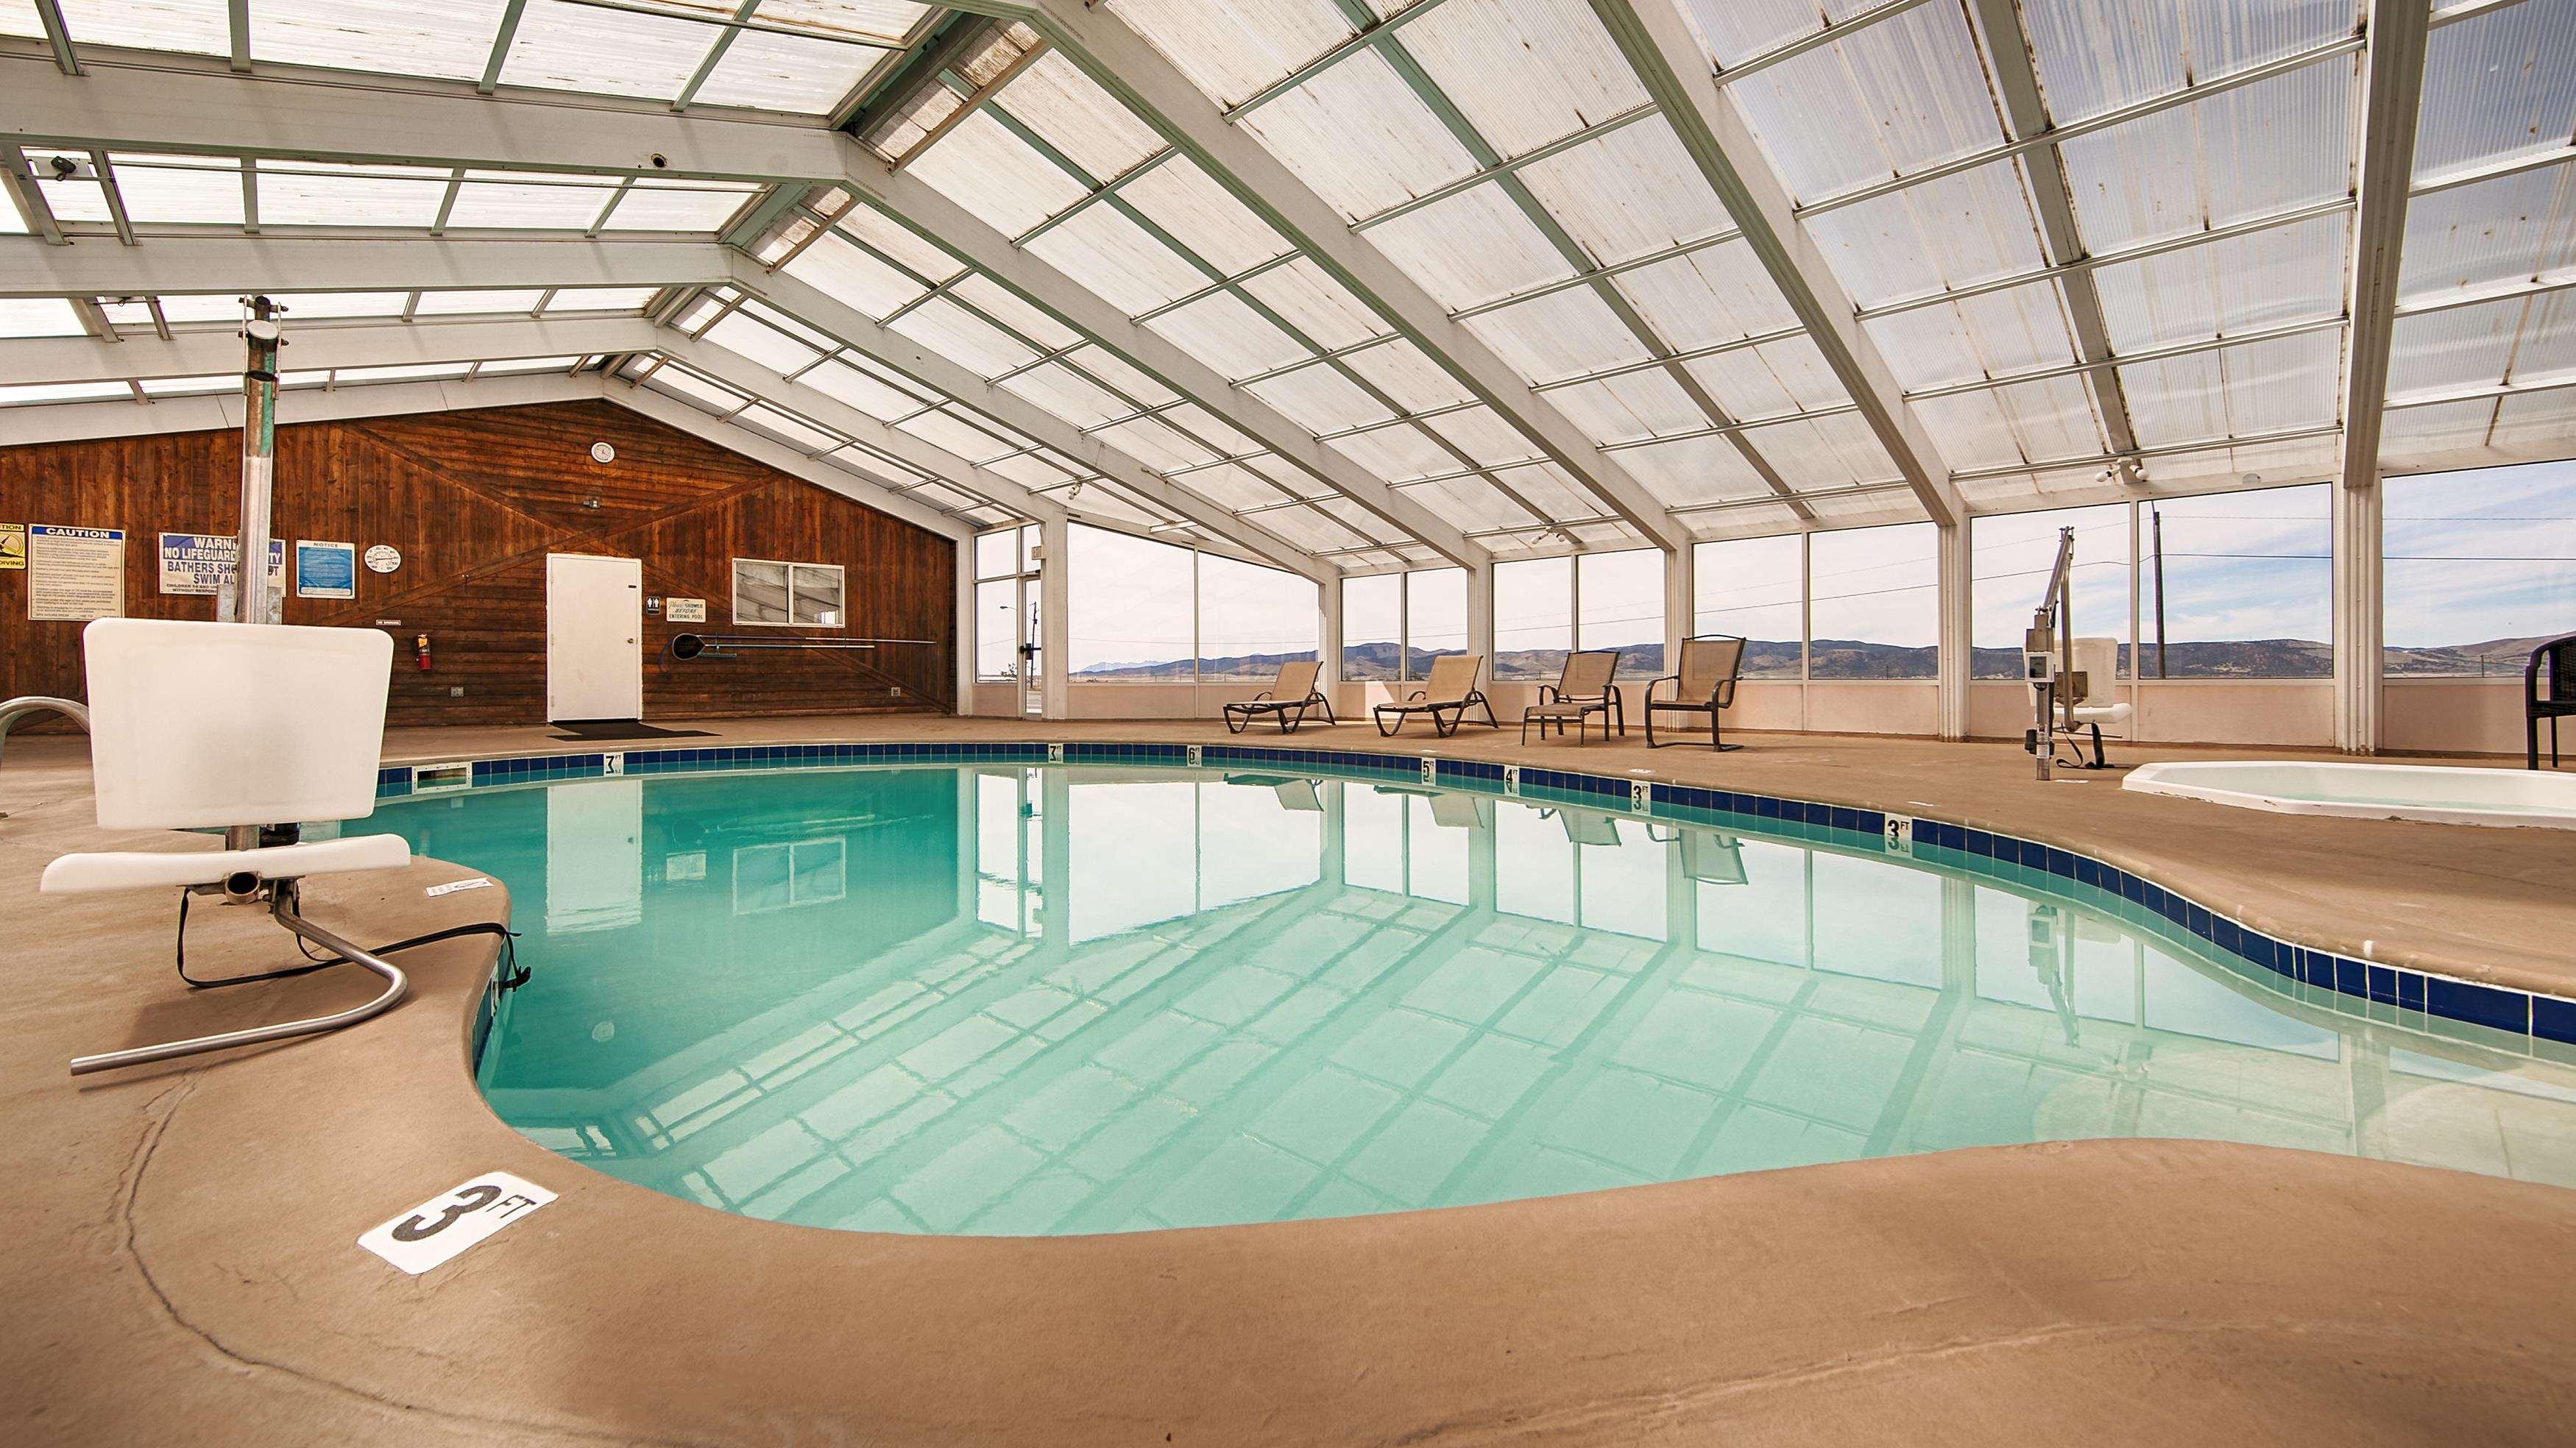 Best western paradise inn of nephi nephi utah ut for Indoor pools in utah